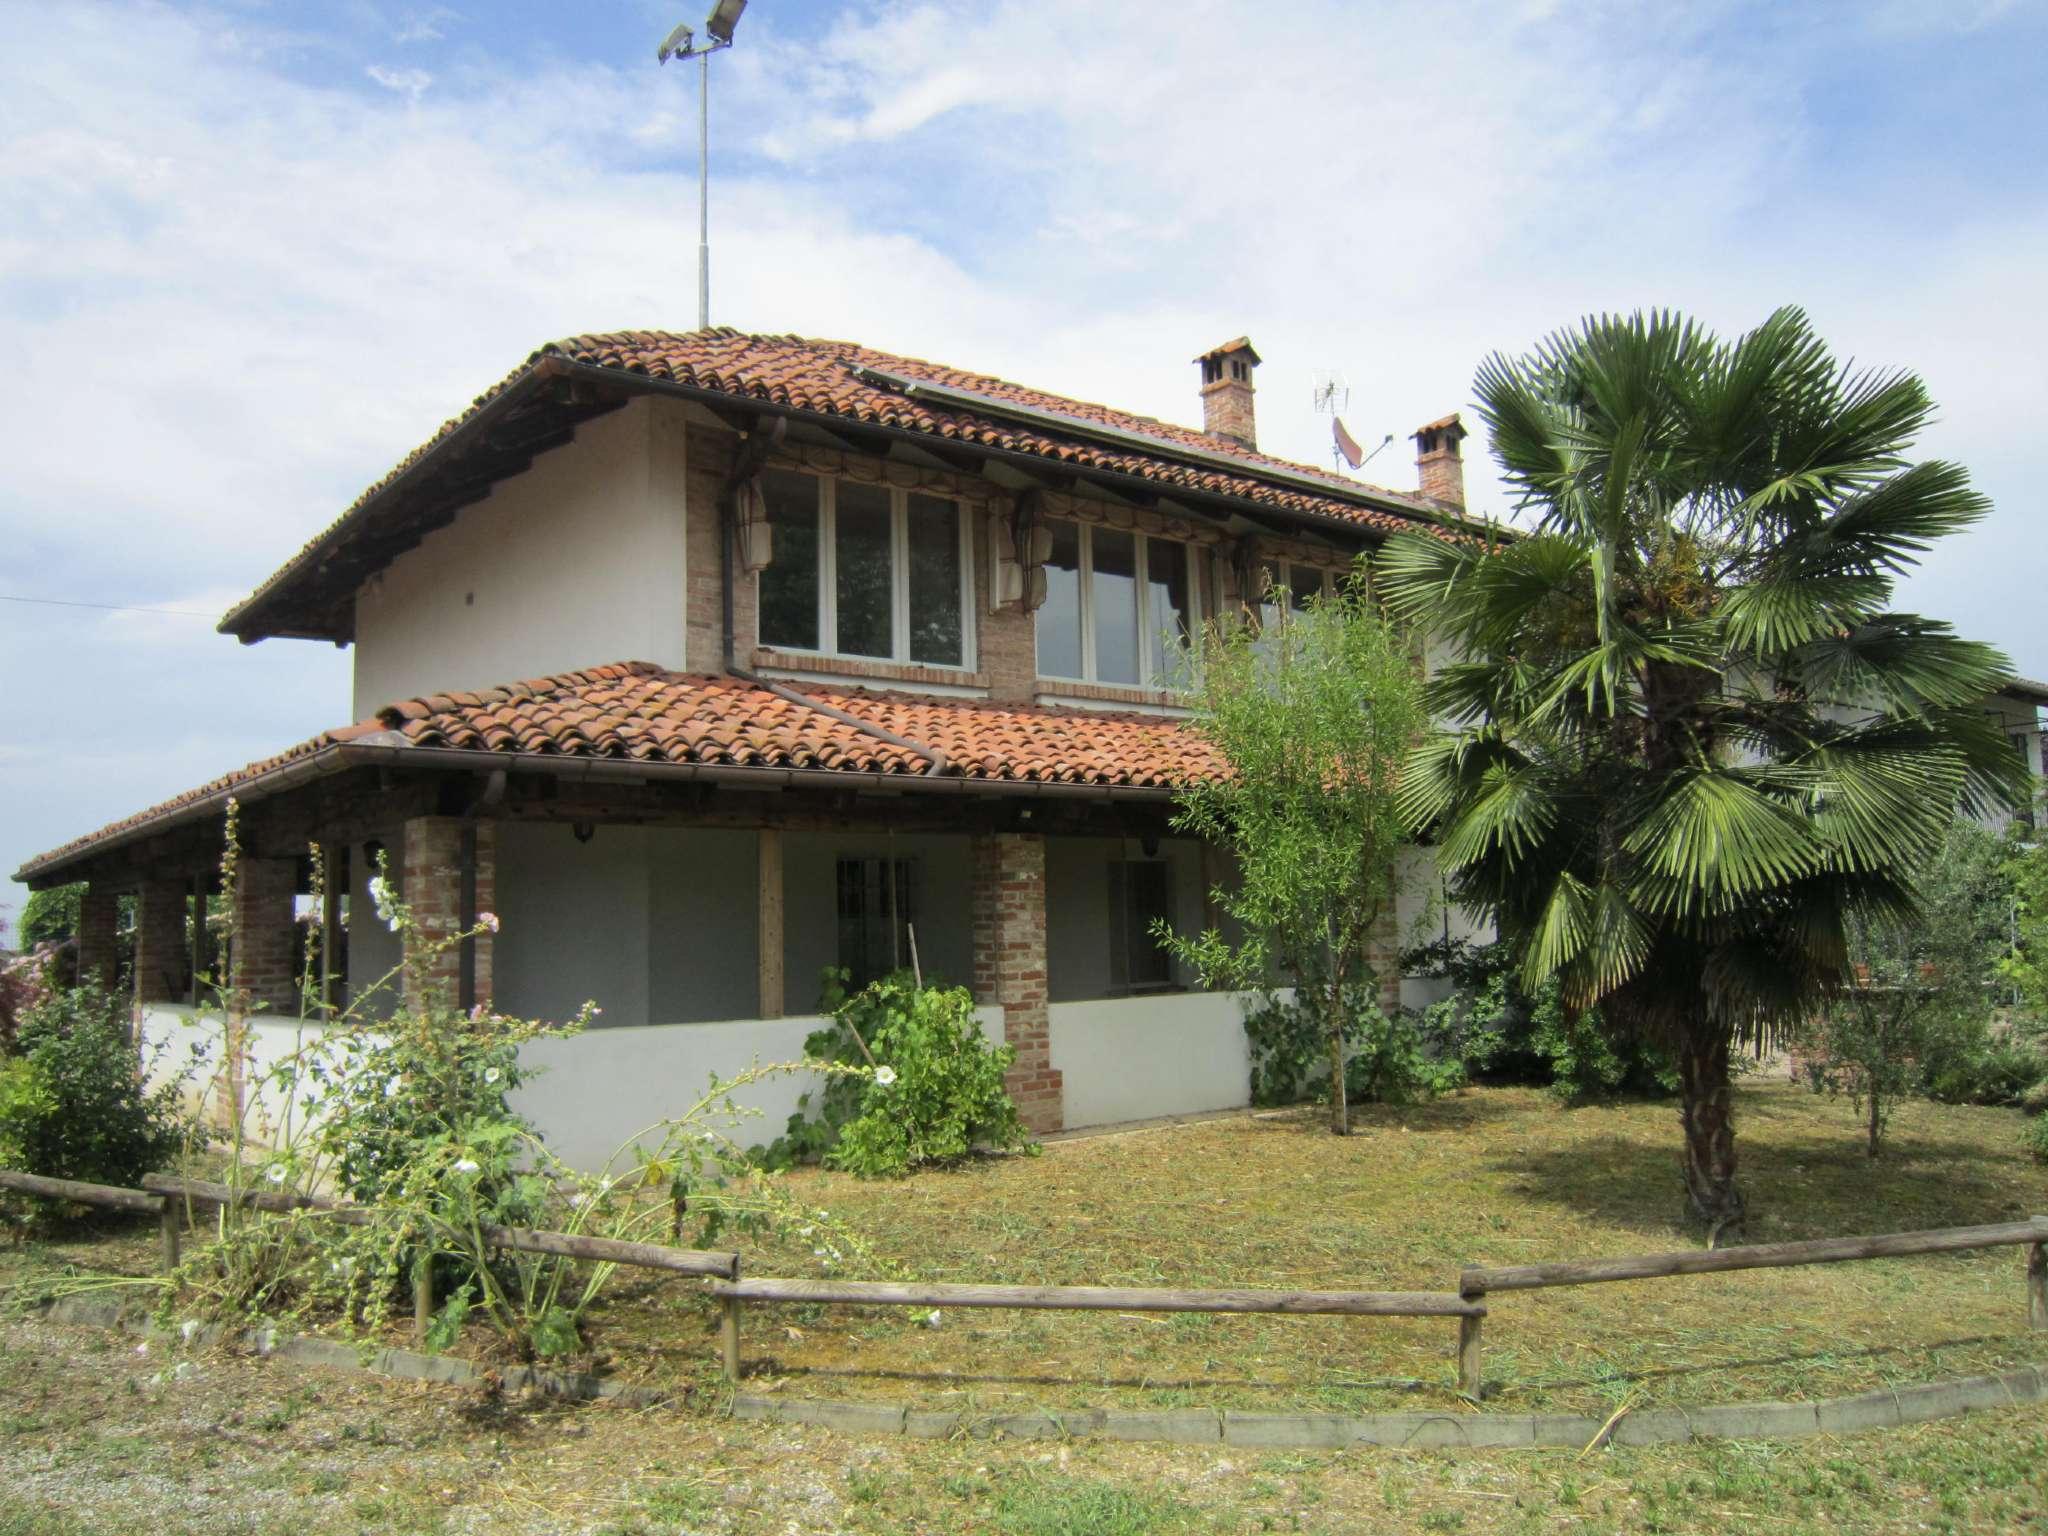 Rustico / Casale in vendita a Cherasco, 8 locali, prezzo € 360.000 | CambioCasa.it